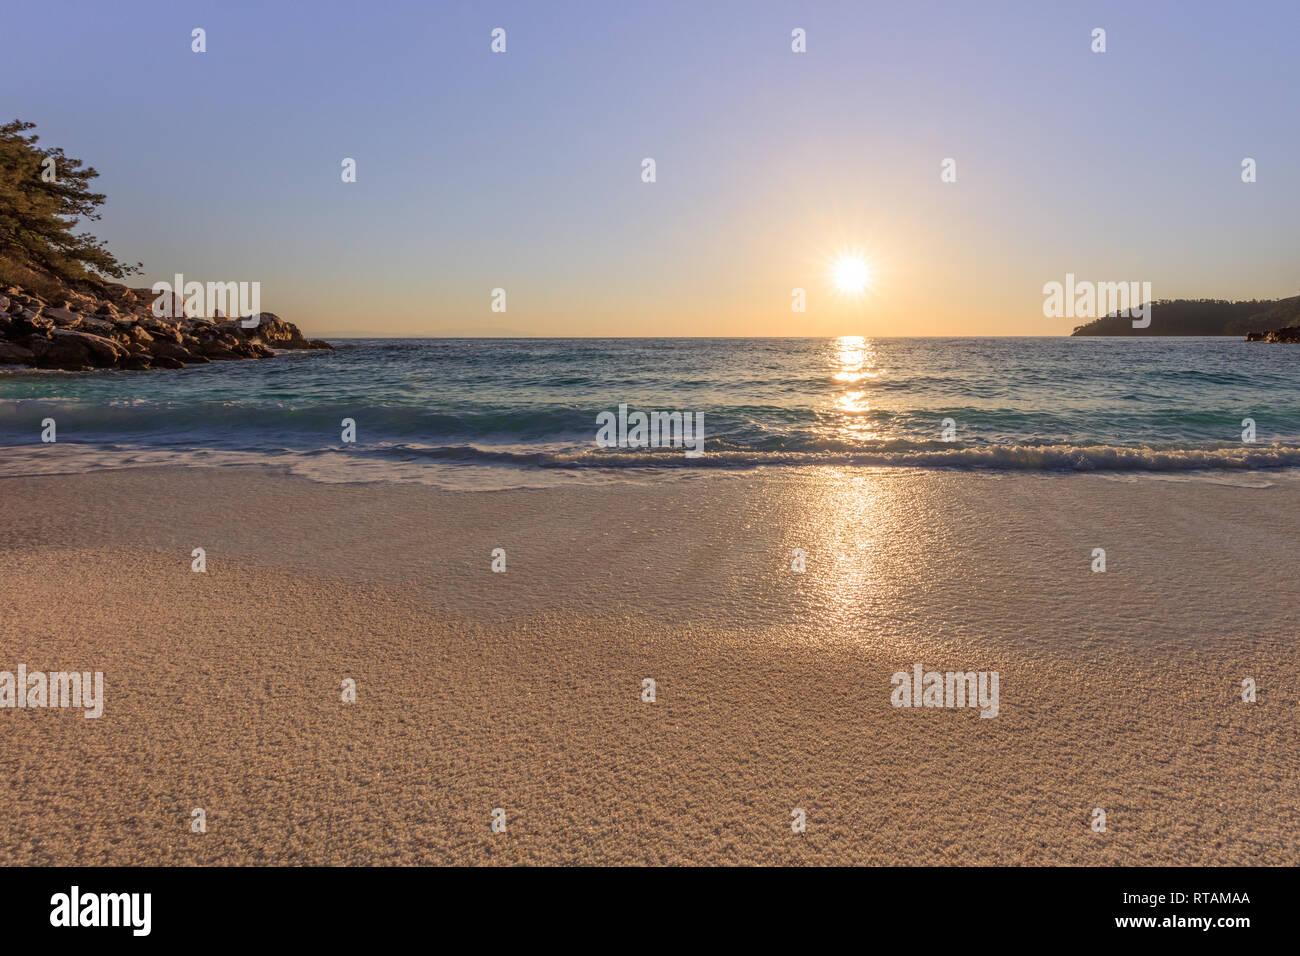 sunrise in Marble beach (Saliara beach), Thassos Islands